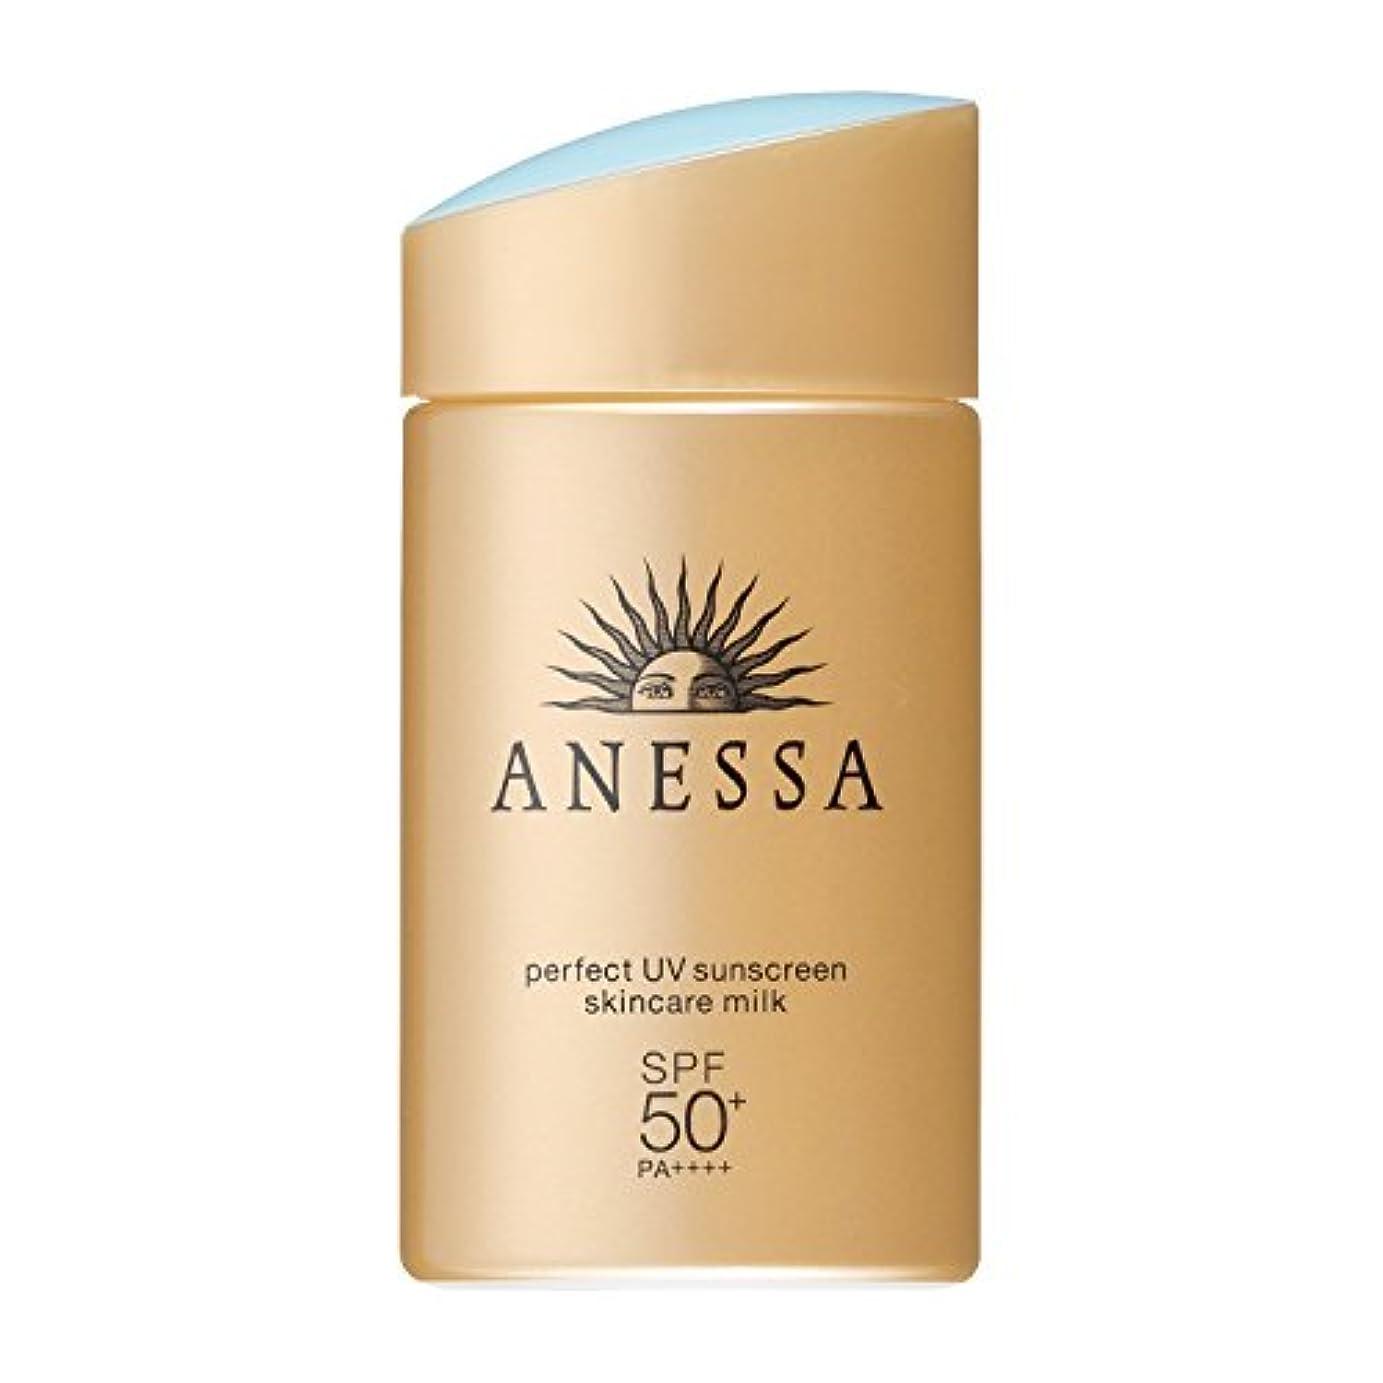 胸の頭の上女性アネッサ パーフェクトUV スキンケアミルク SPF50+/PA++++ 60mL 2本セット